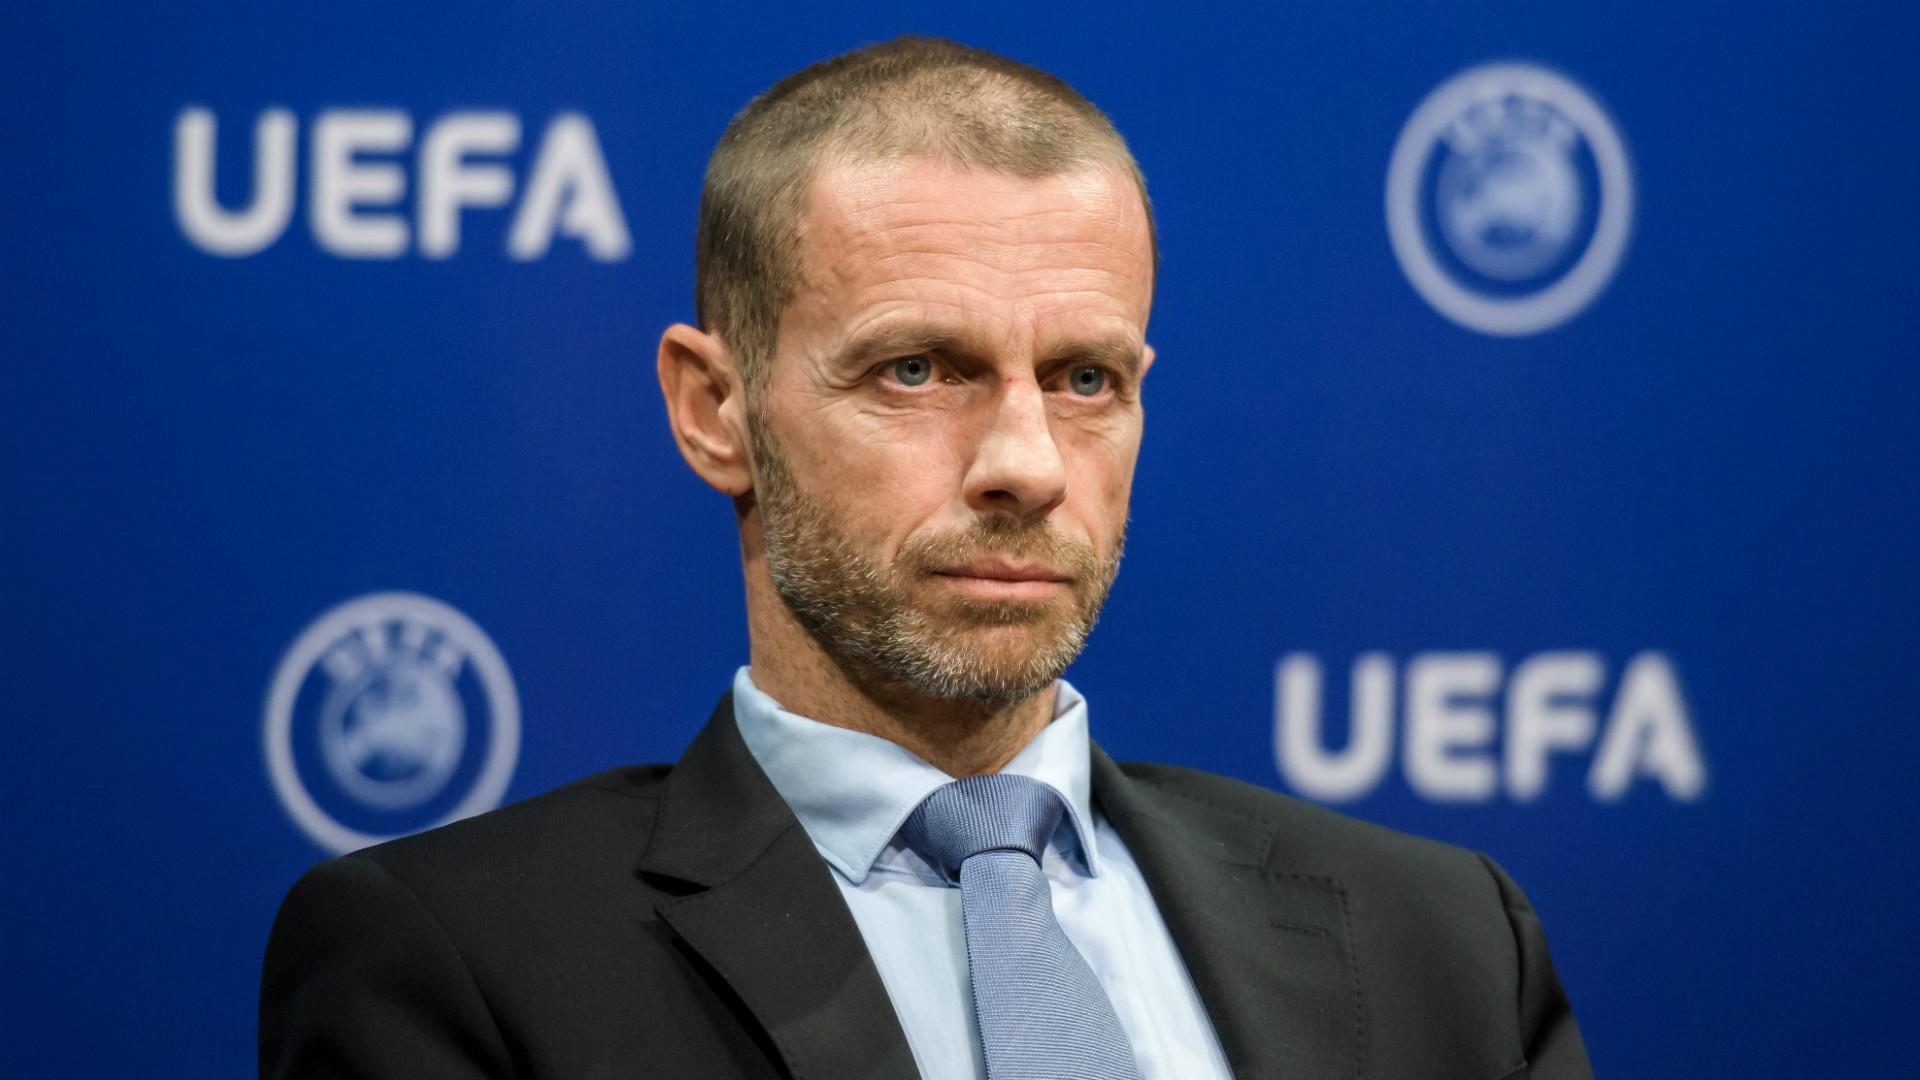 УЕФА утвердила новый календарь международных соревнований - фото